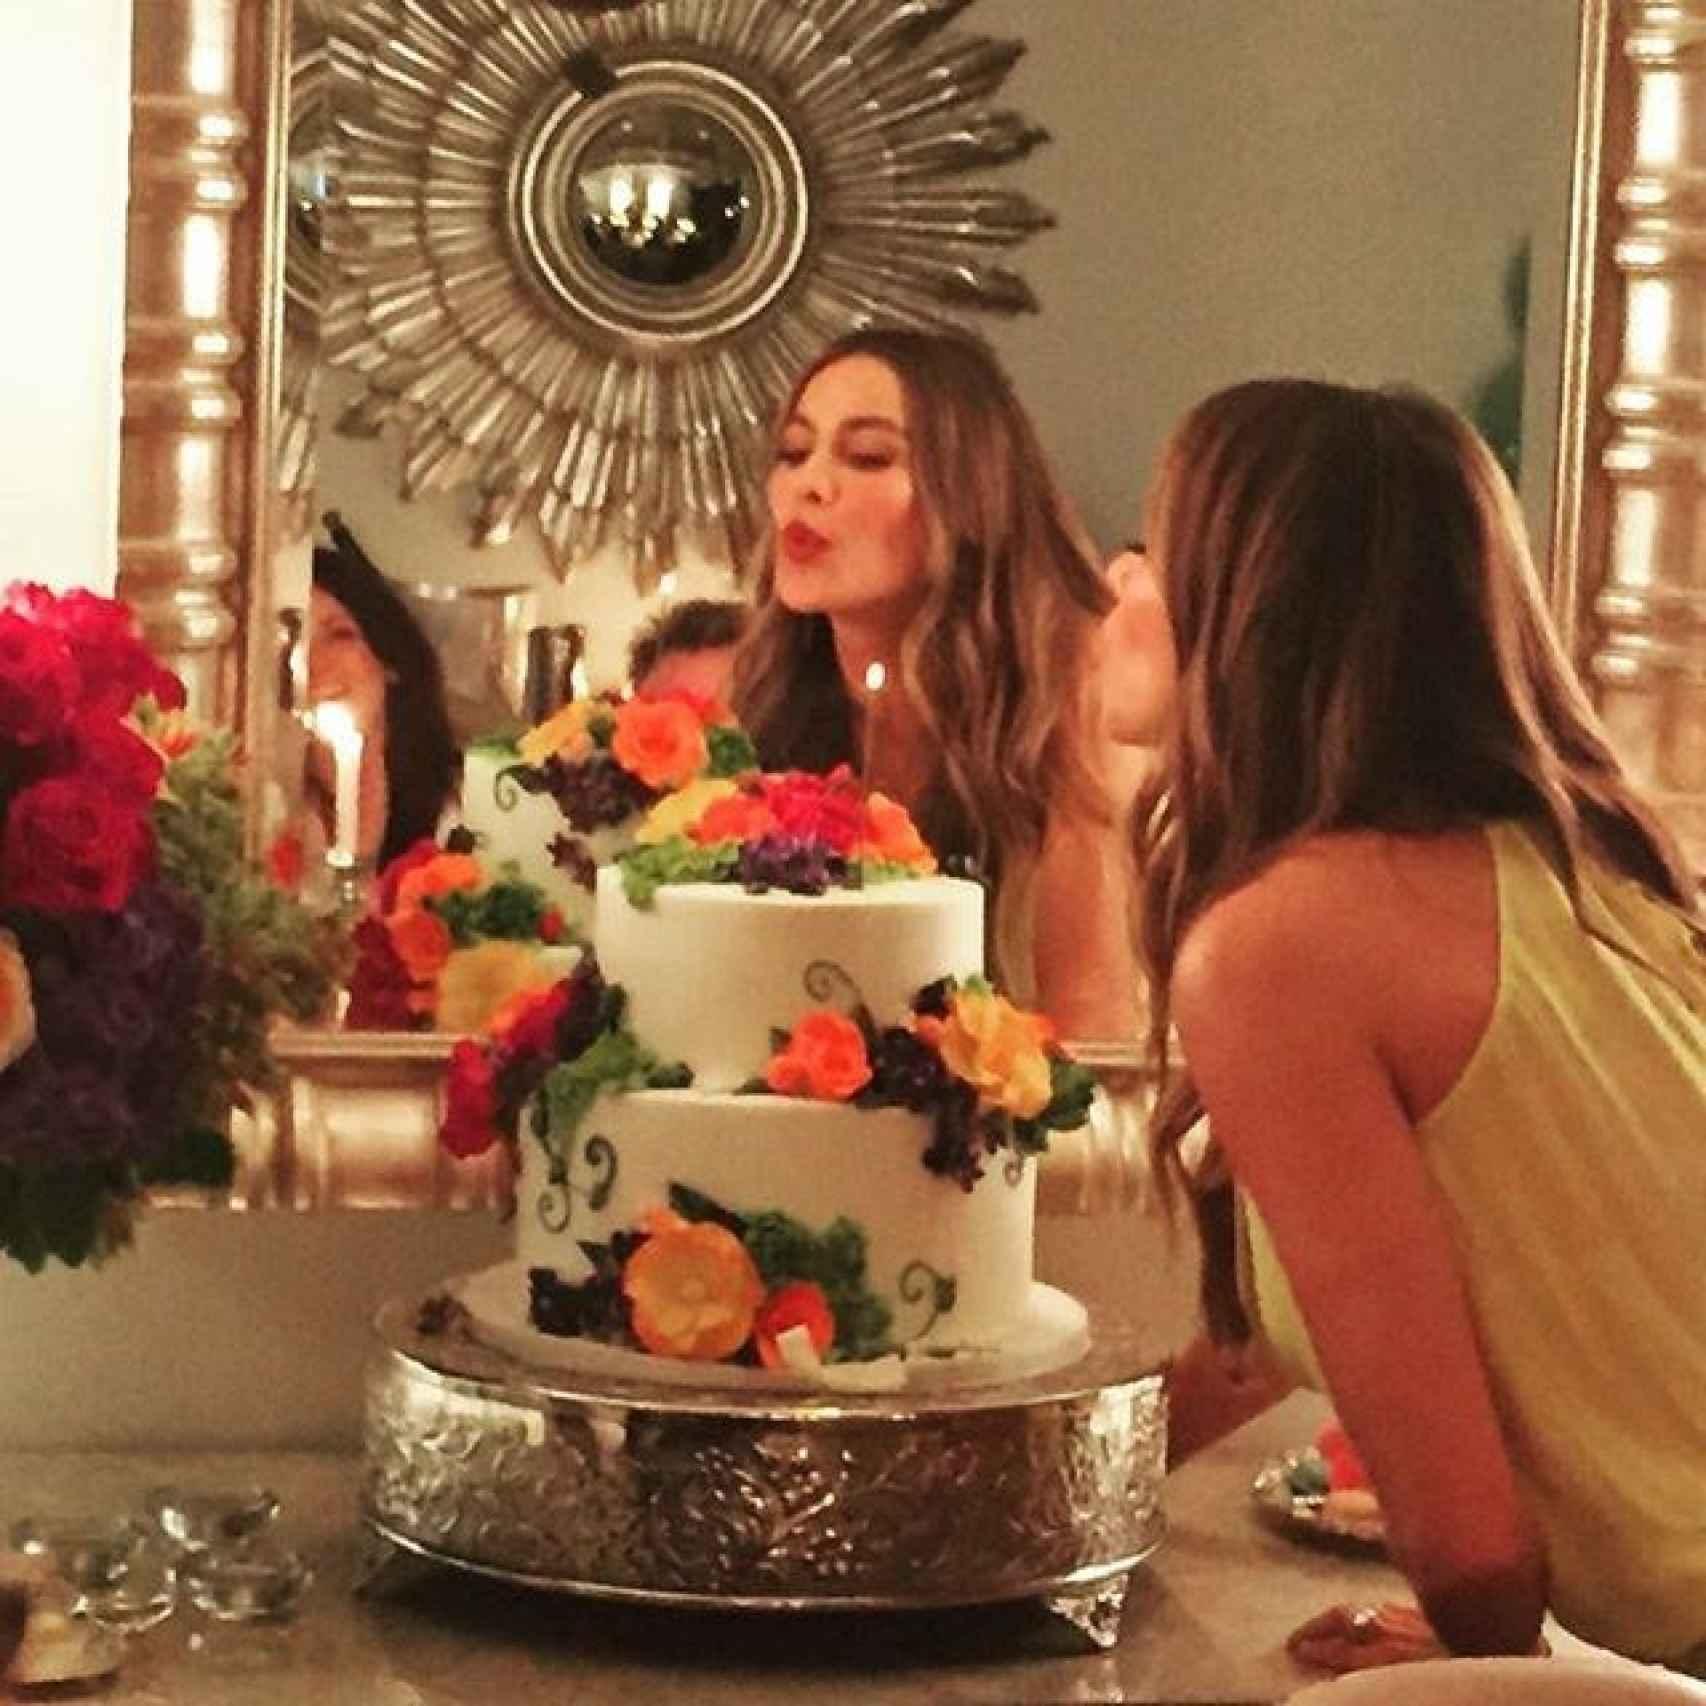 Spfía Vergara soplando las velas de su anterior cumpleaños